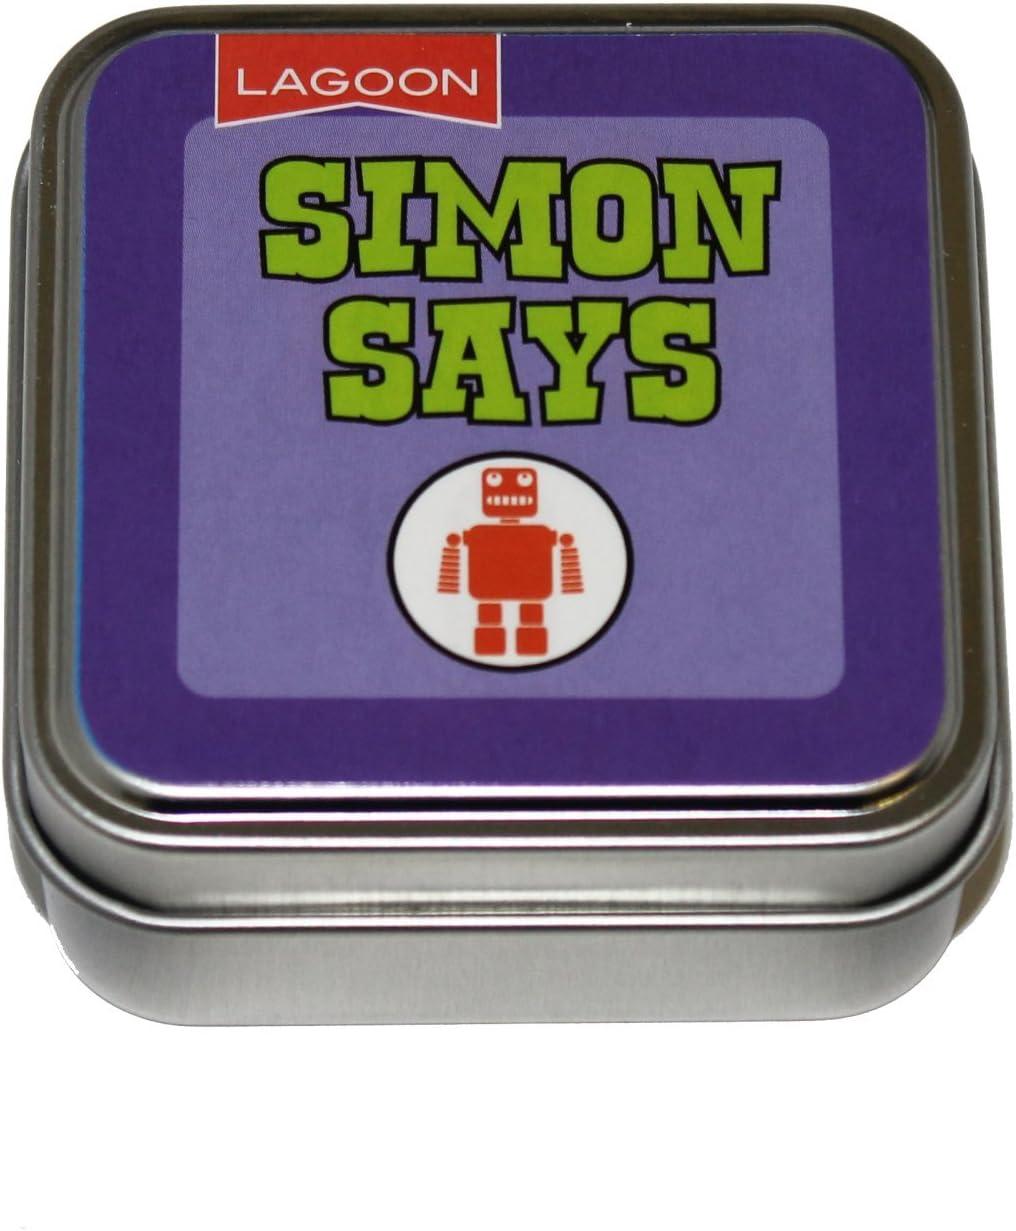 Simon Says infantil mesa Top Juego: Amazon.es: Juguetes y juegos